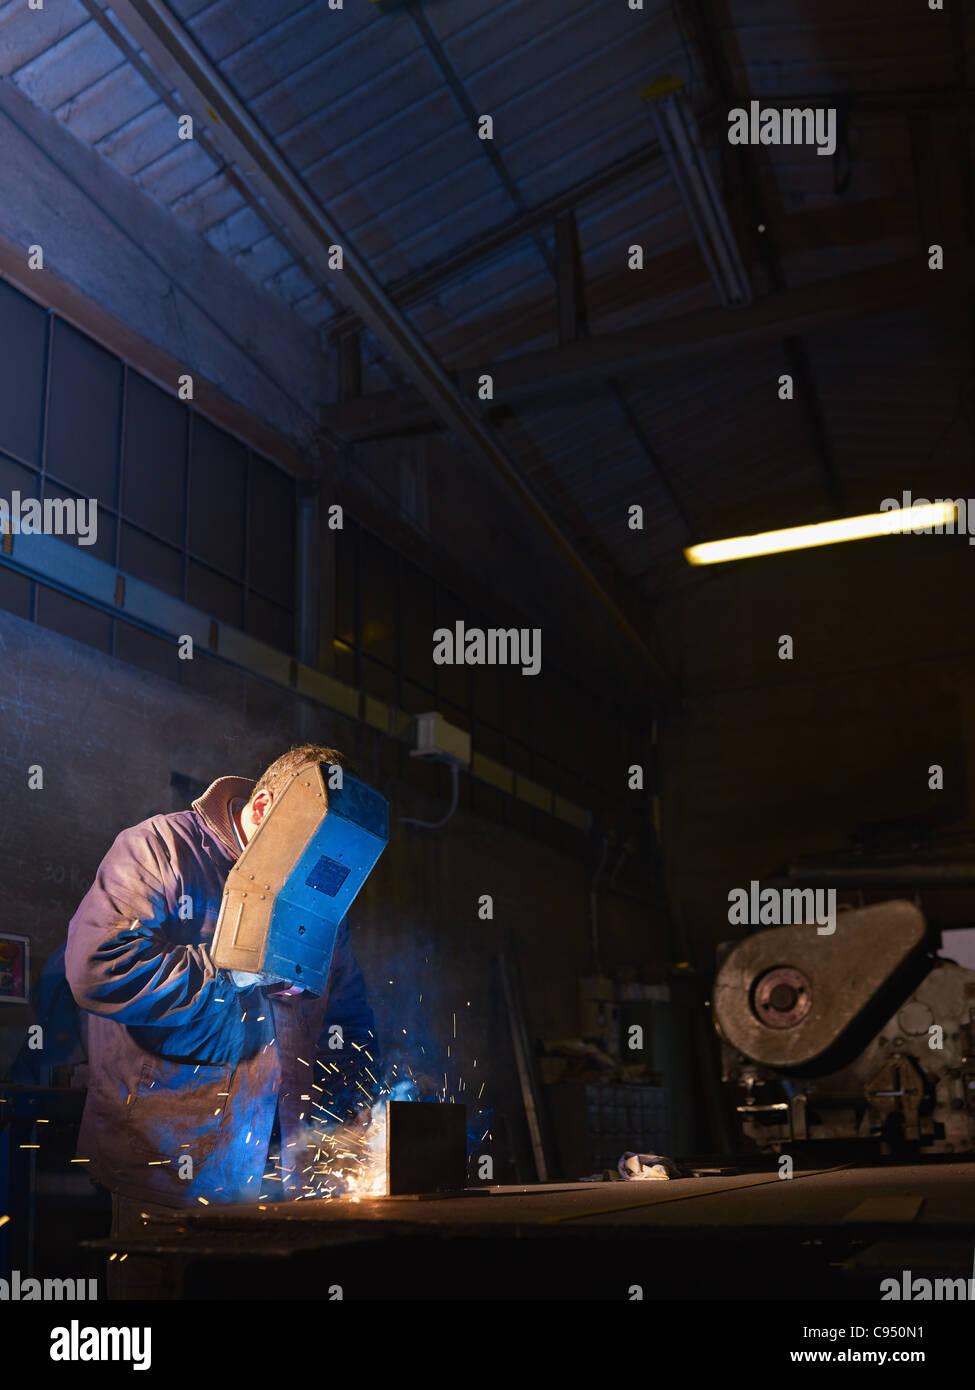 Lavoratore manuale nella fabbrica di acciaio utilizzando la maschera di saldatura, strumenti e macchinari in metallo. Immagini Stock